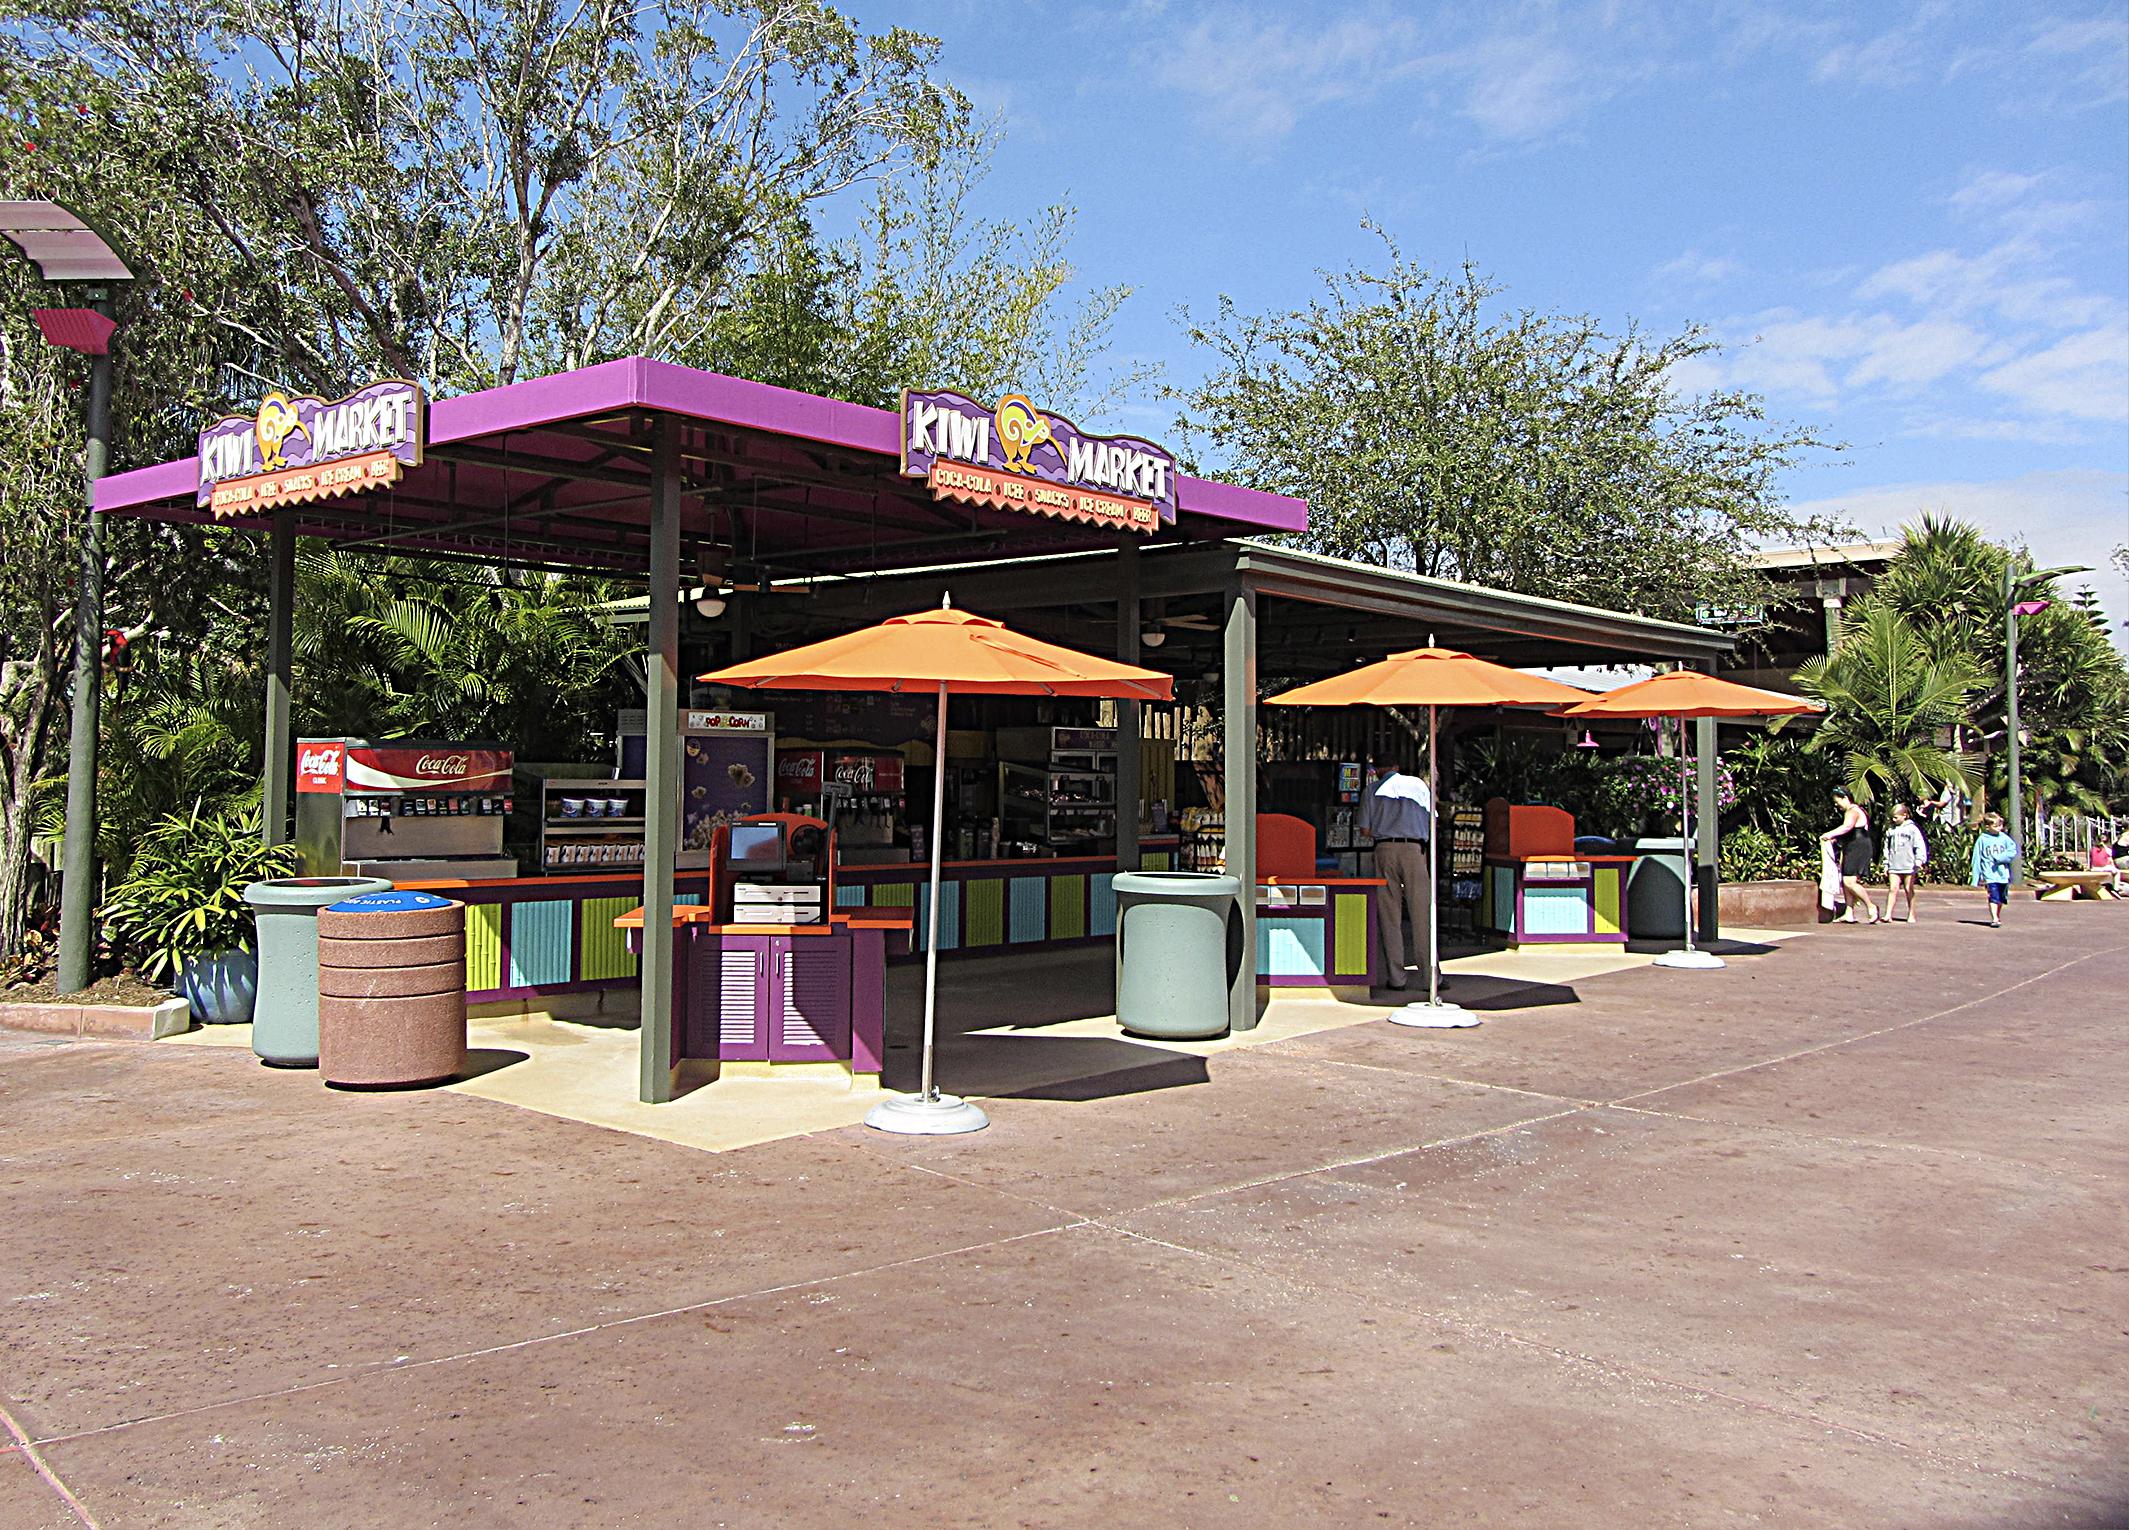 retail-kiwi fruit 5.jpg